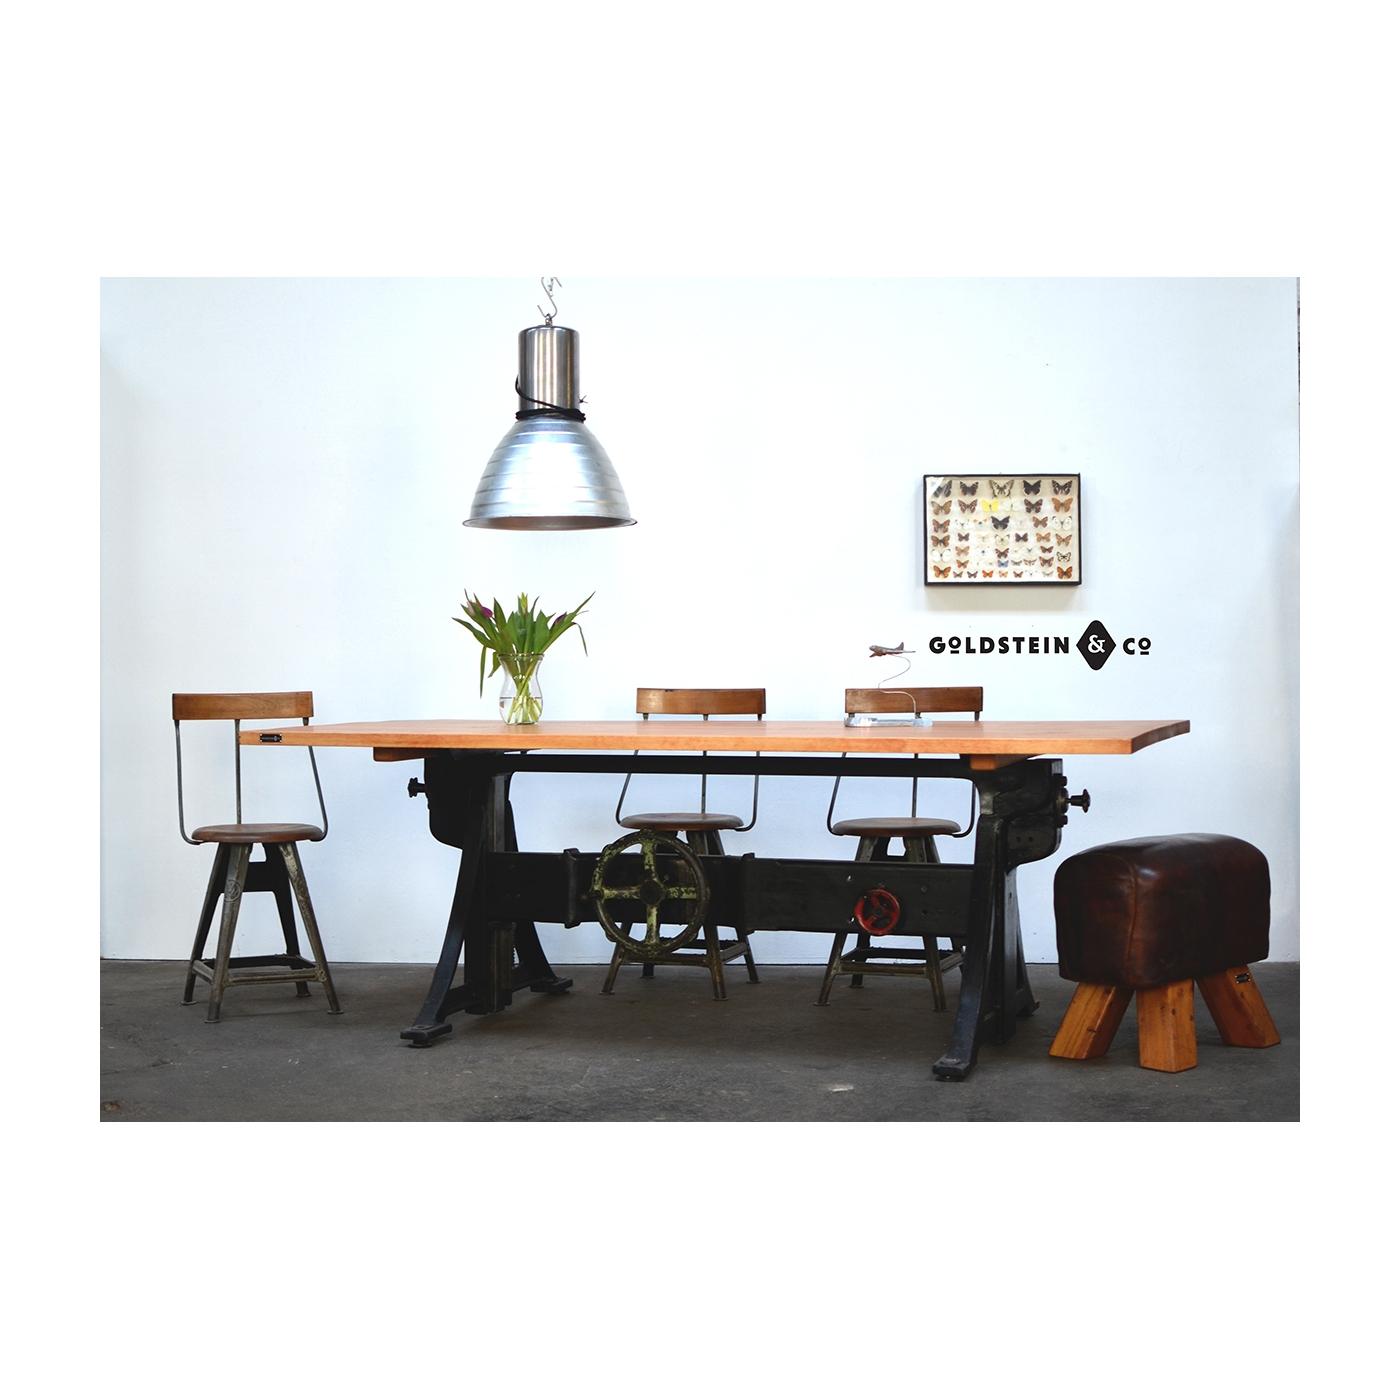 Full Size of Großer Esstisch Industrie Tisch Hhenverstellbar Designer Lampen Kaufen Holz Massiv Massivholz Ausziehbar Lampe Teppich Rustikaler Oval Nussbaum Glas Antik Esstische Großer Esstisch